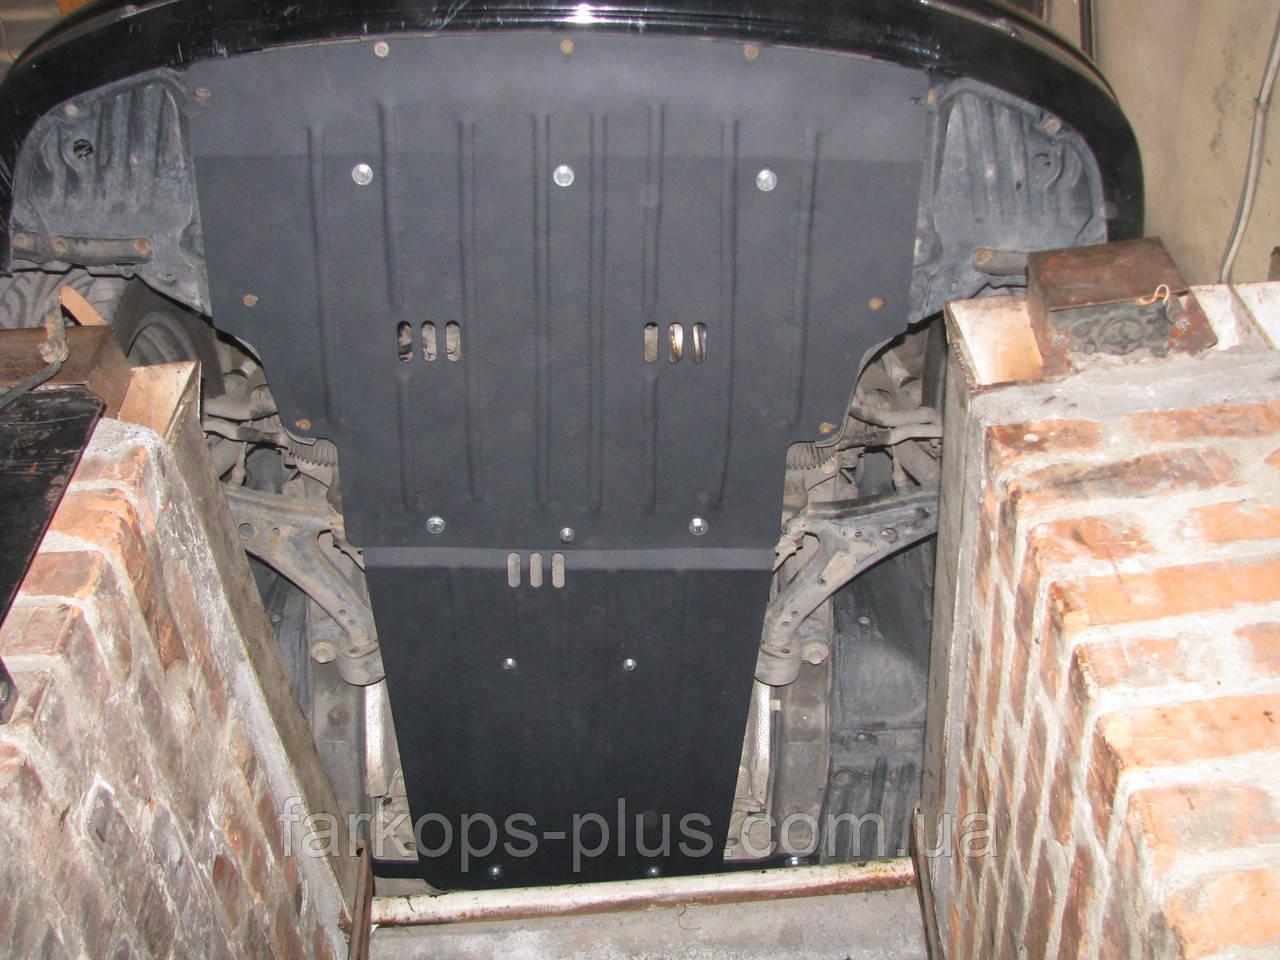 Защита двигателя - автомат Lexus LS-430 (2002-2006) 4.3